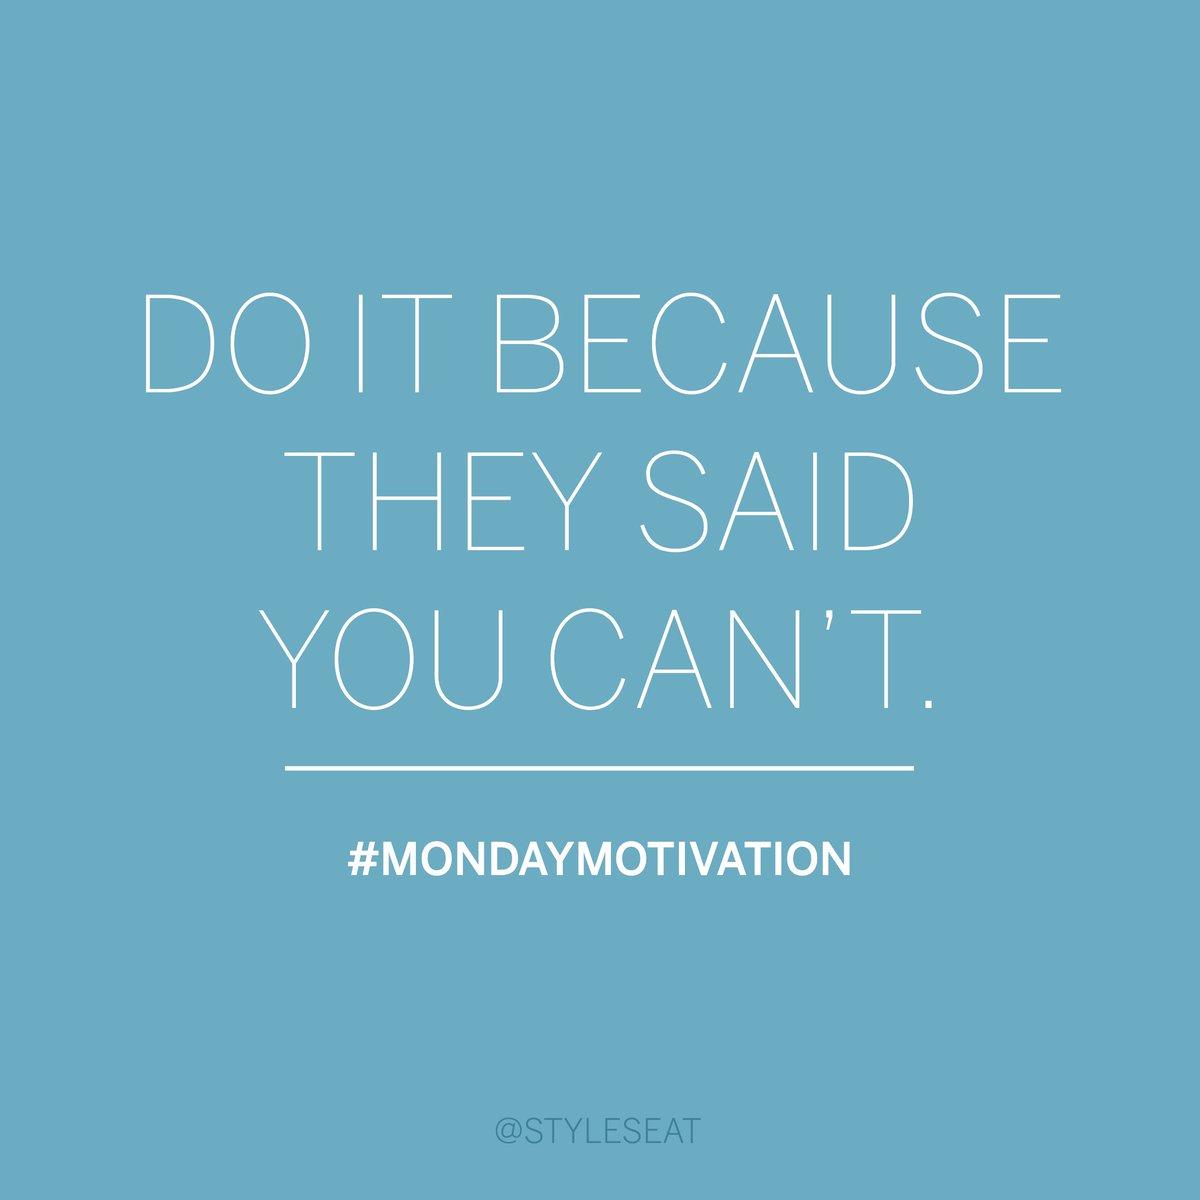 Show 'em. #MondayMotivation https://t.co/gEKjDNgdl0